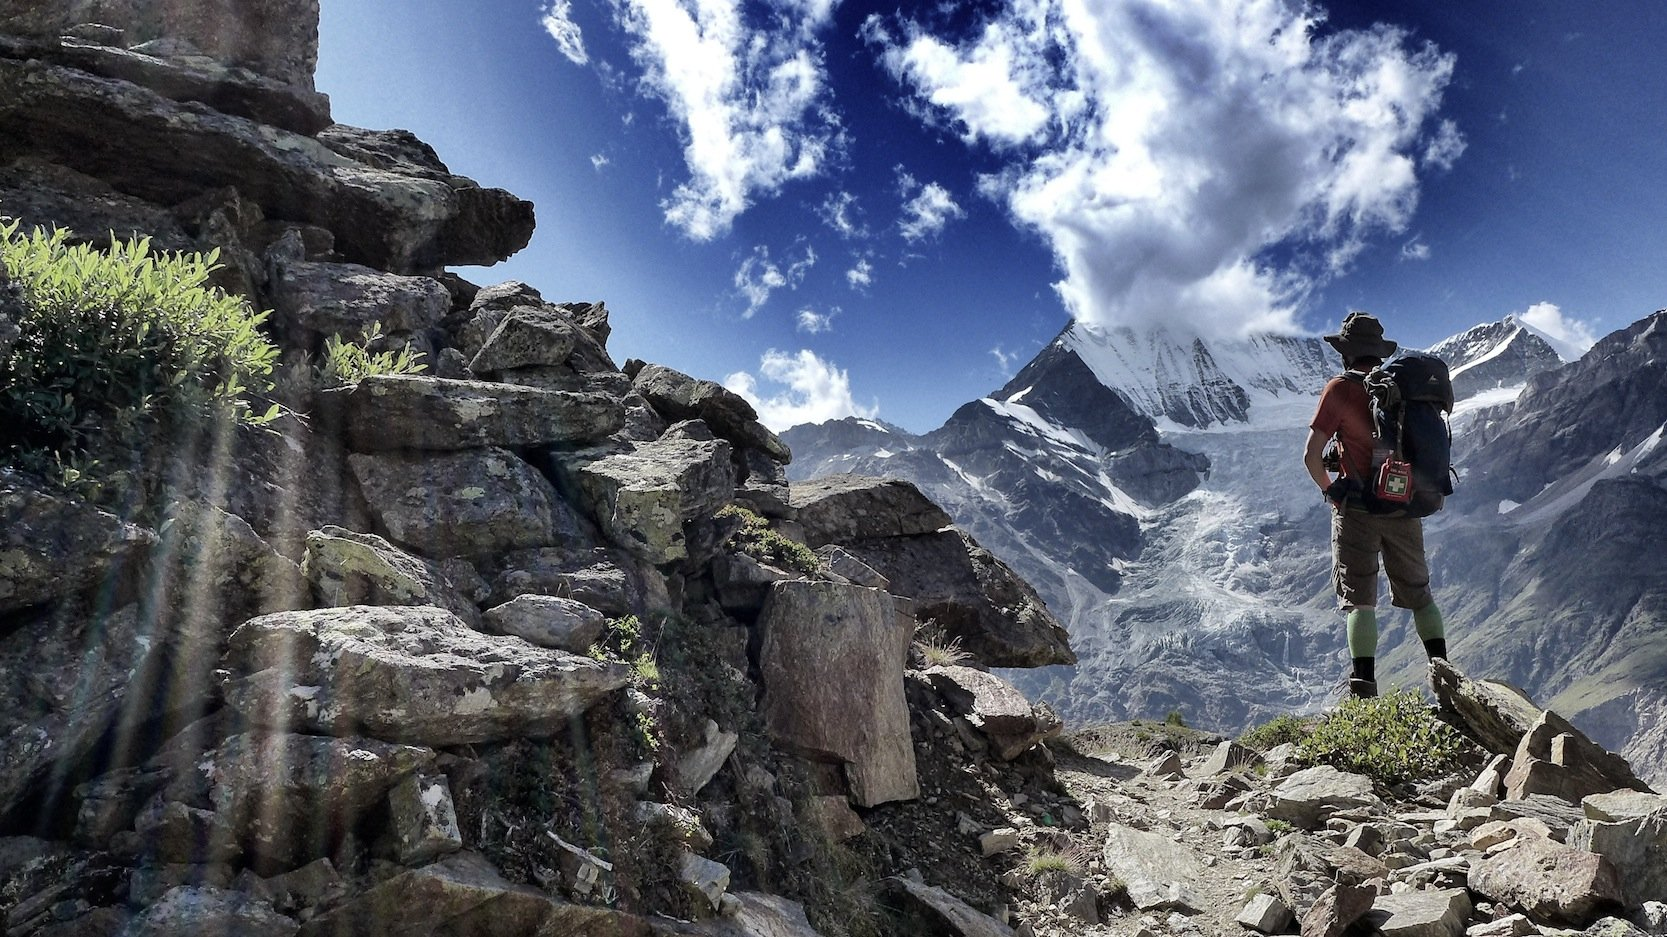 Unglaubliche Blicke bietet der Europaweg im Wallis: Hier schaut ein Wanderer auf die Gebirgskette in der Nähe des Matterhorns.